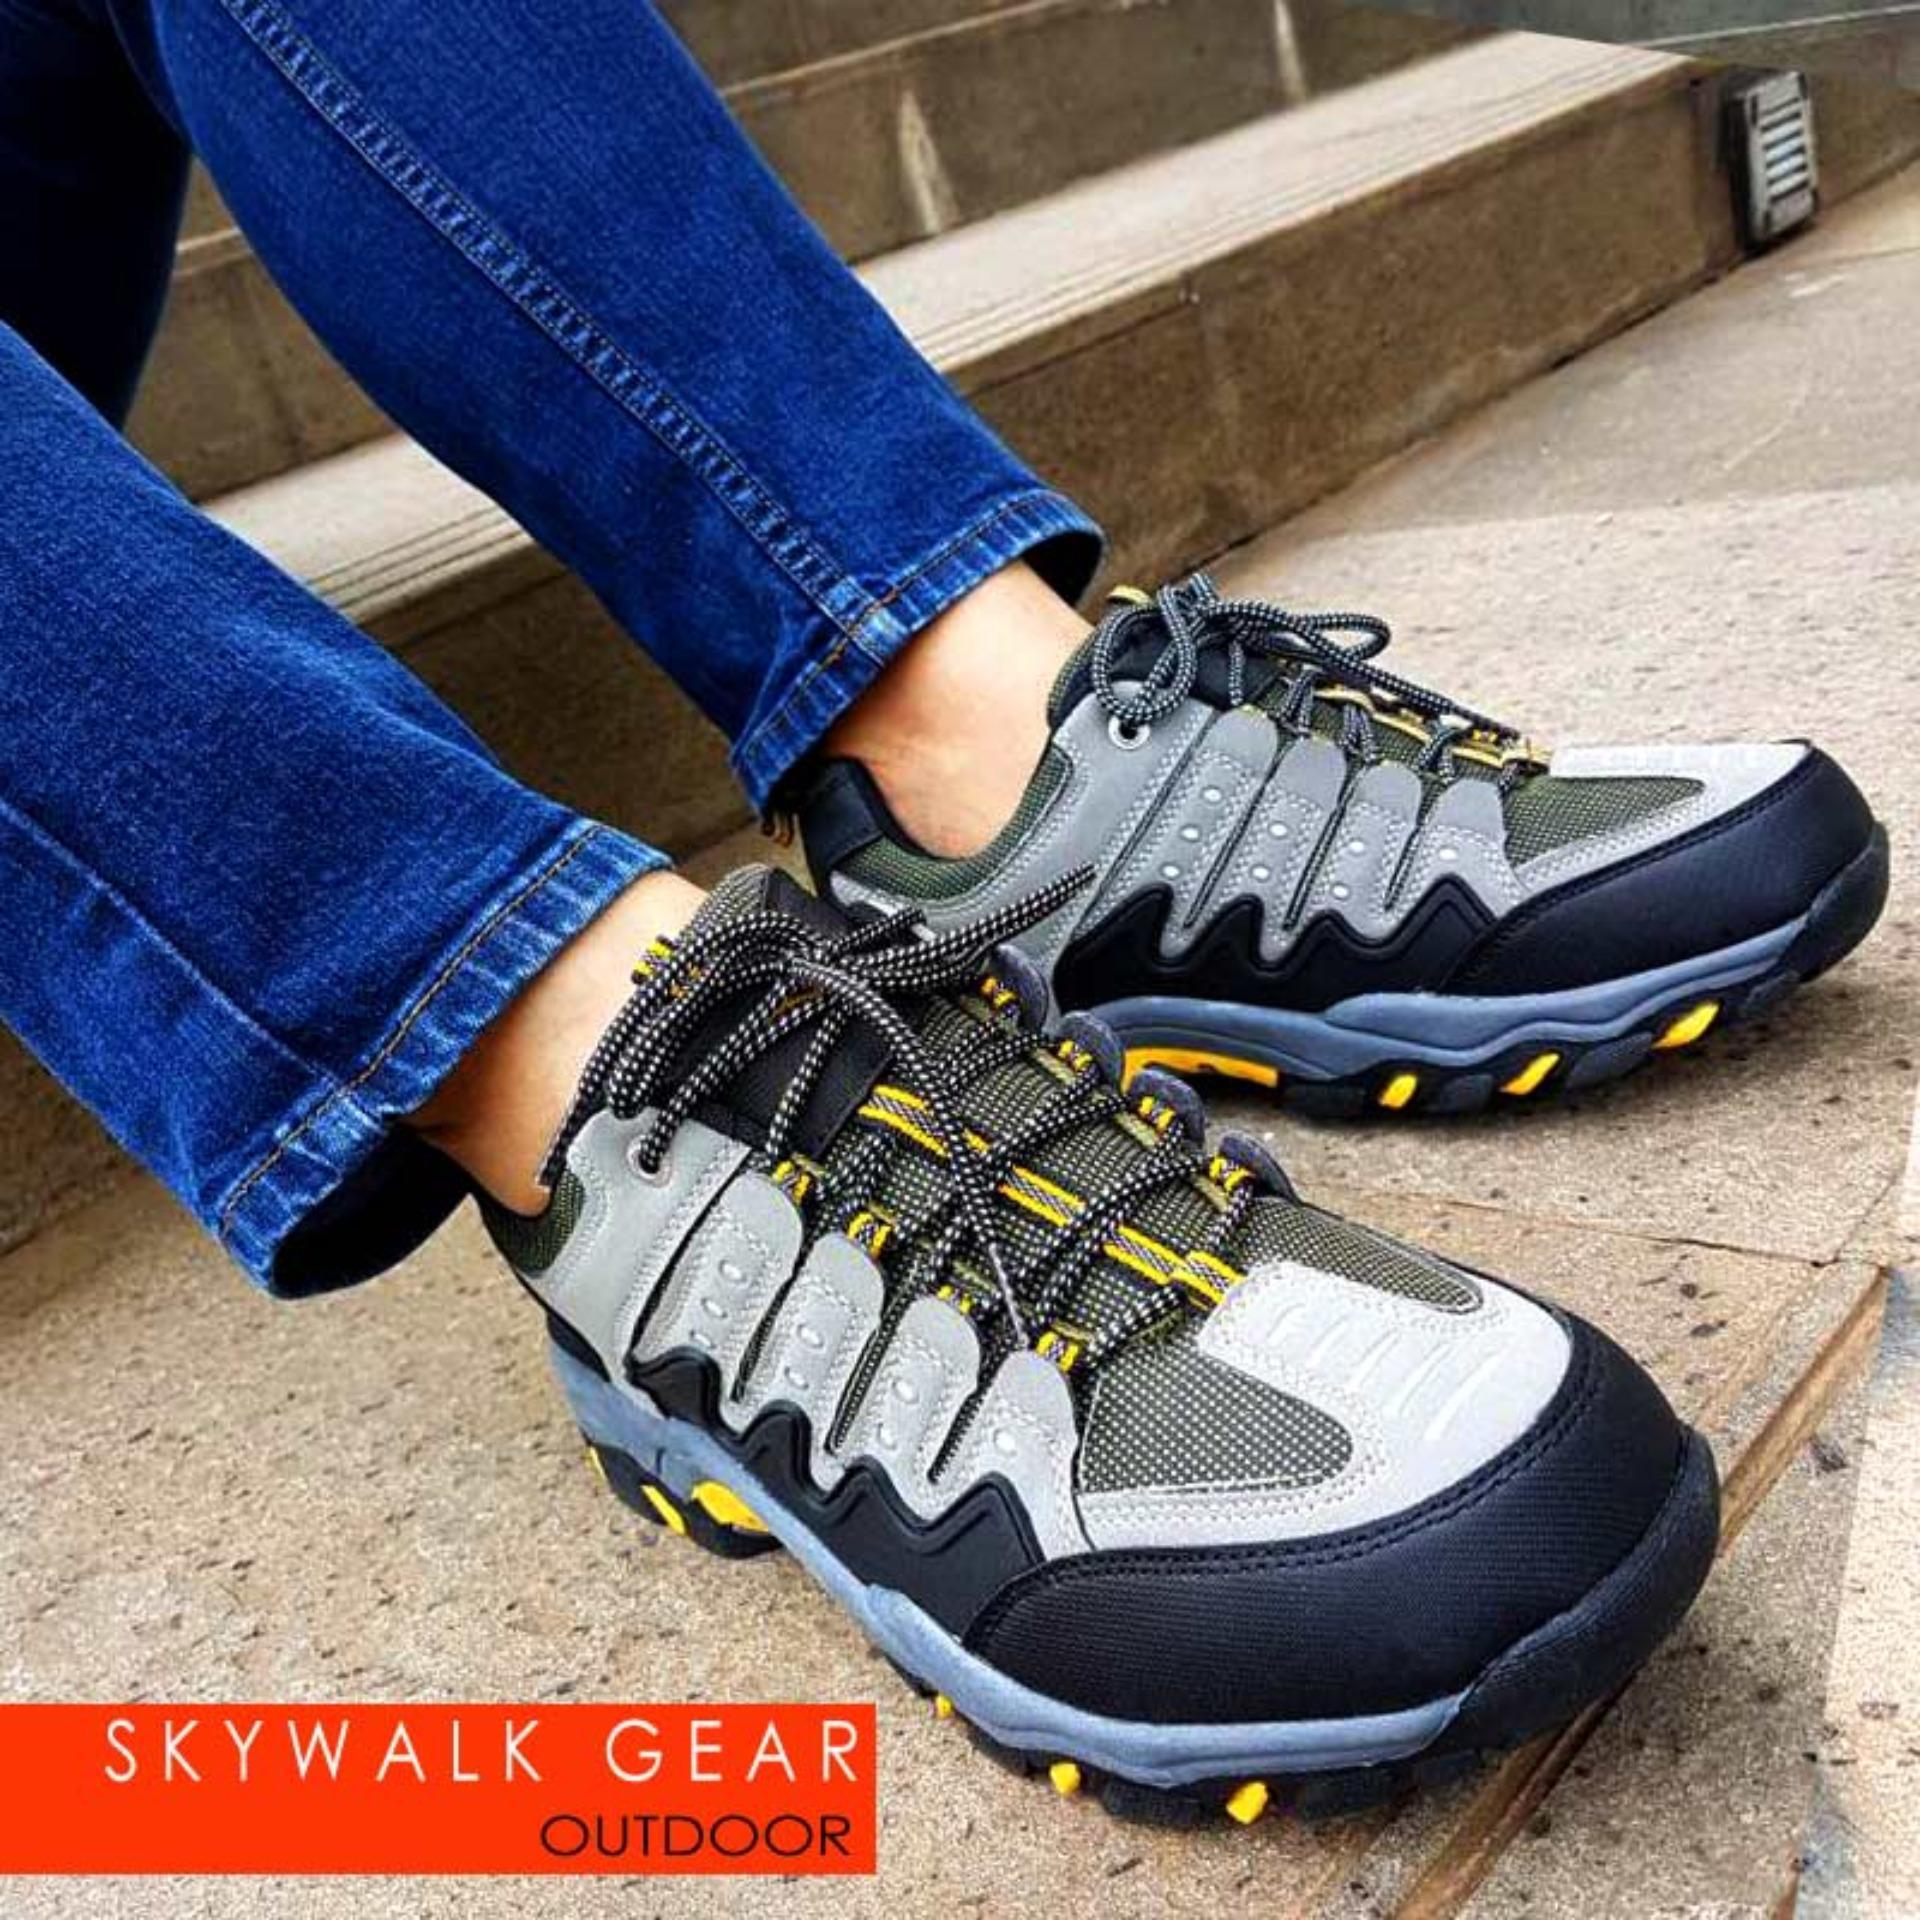 Nana Blanche Veragamo Sepatu Flat Premium Kerja Wanita 230 1 Ferrara Tas Selempang Dan Tangan L 015 3 Cream Source Skywalkgear Bryan Sneakers Sport 955 Grey